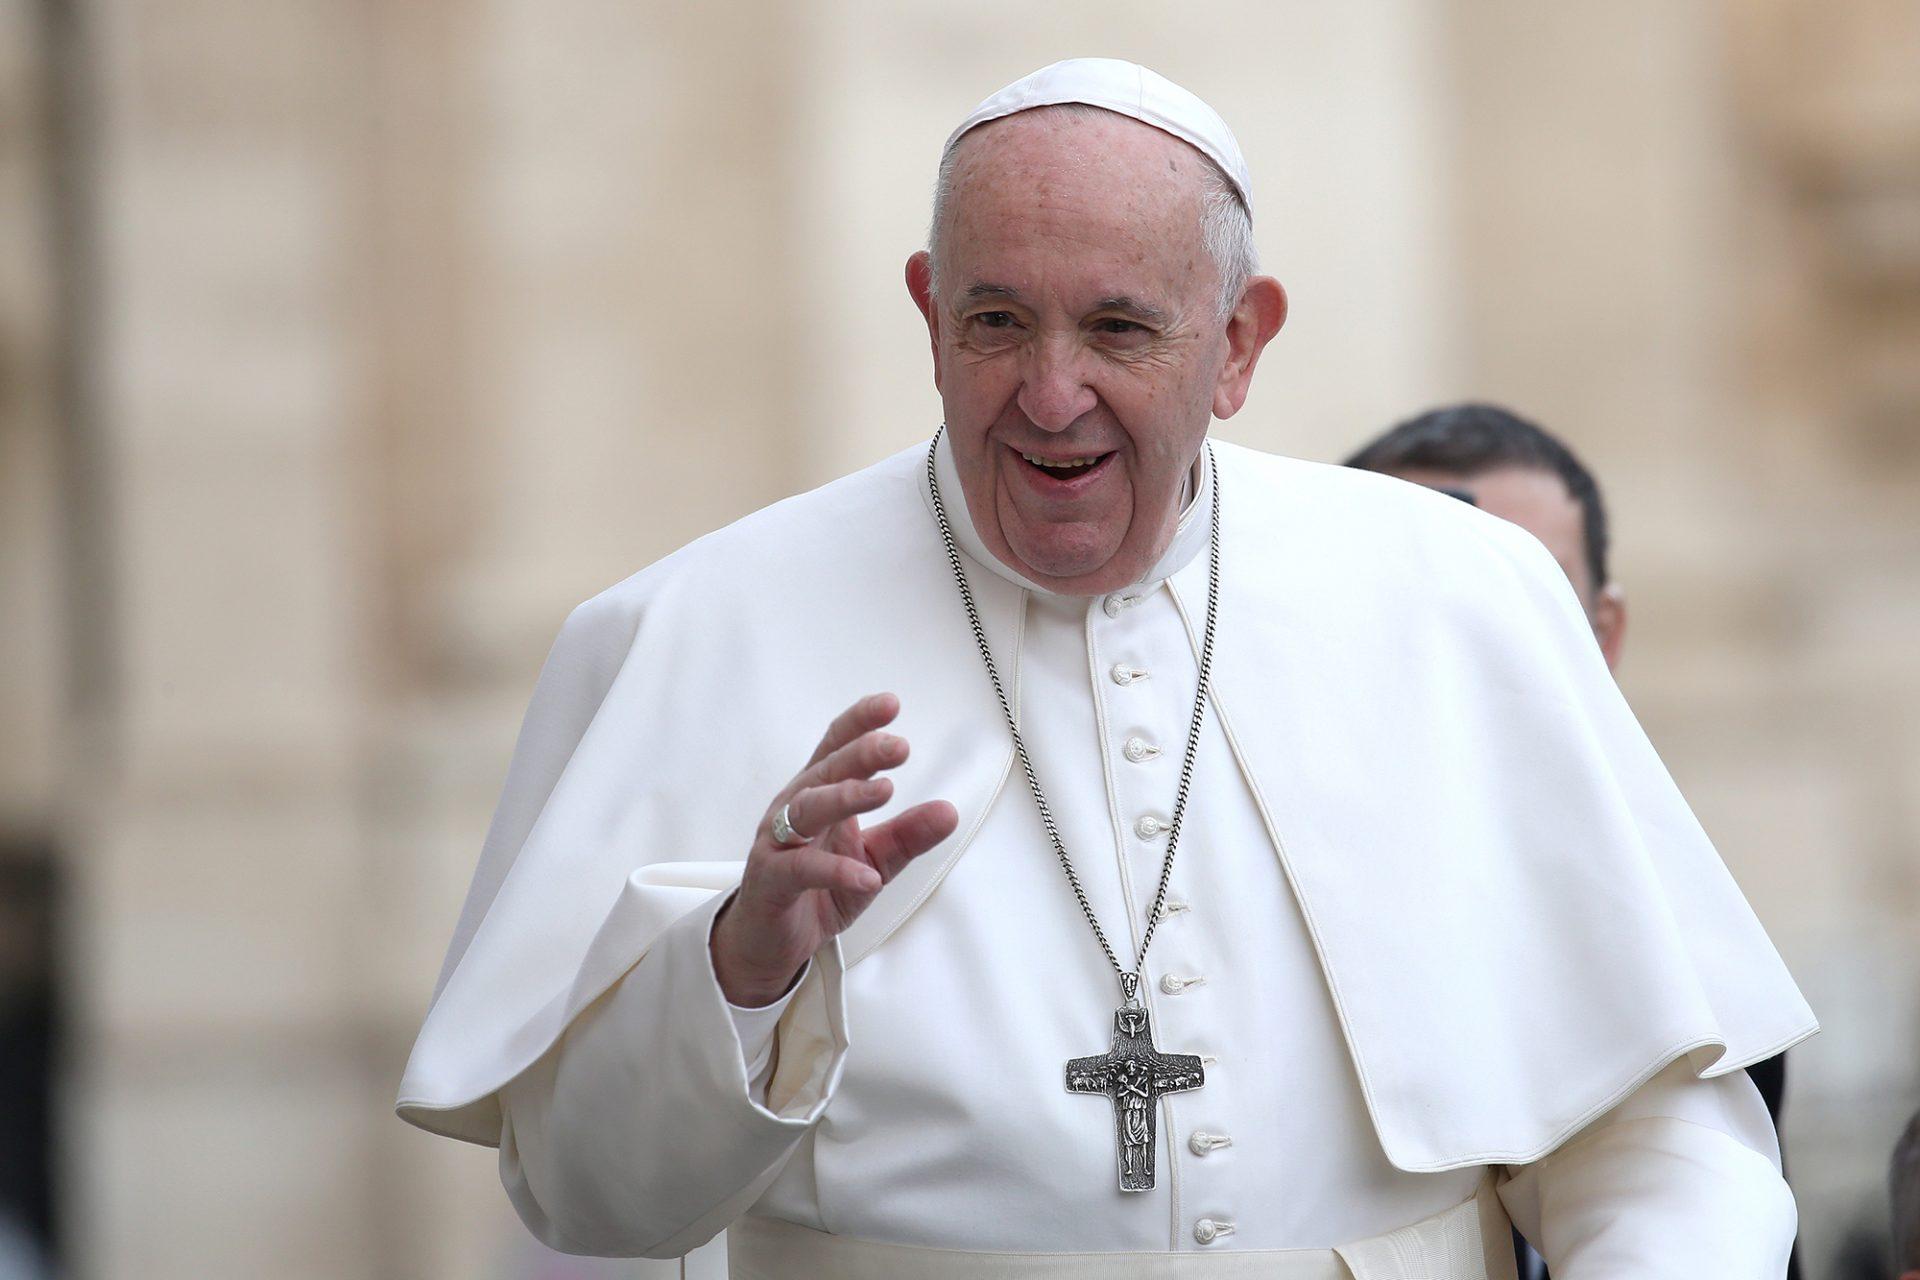 Contul de Instagram al Papei Francisc a dat like unui model. Acum Vaticanul vrea să știe cum s-a întâmplat